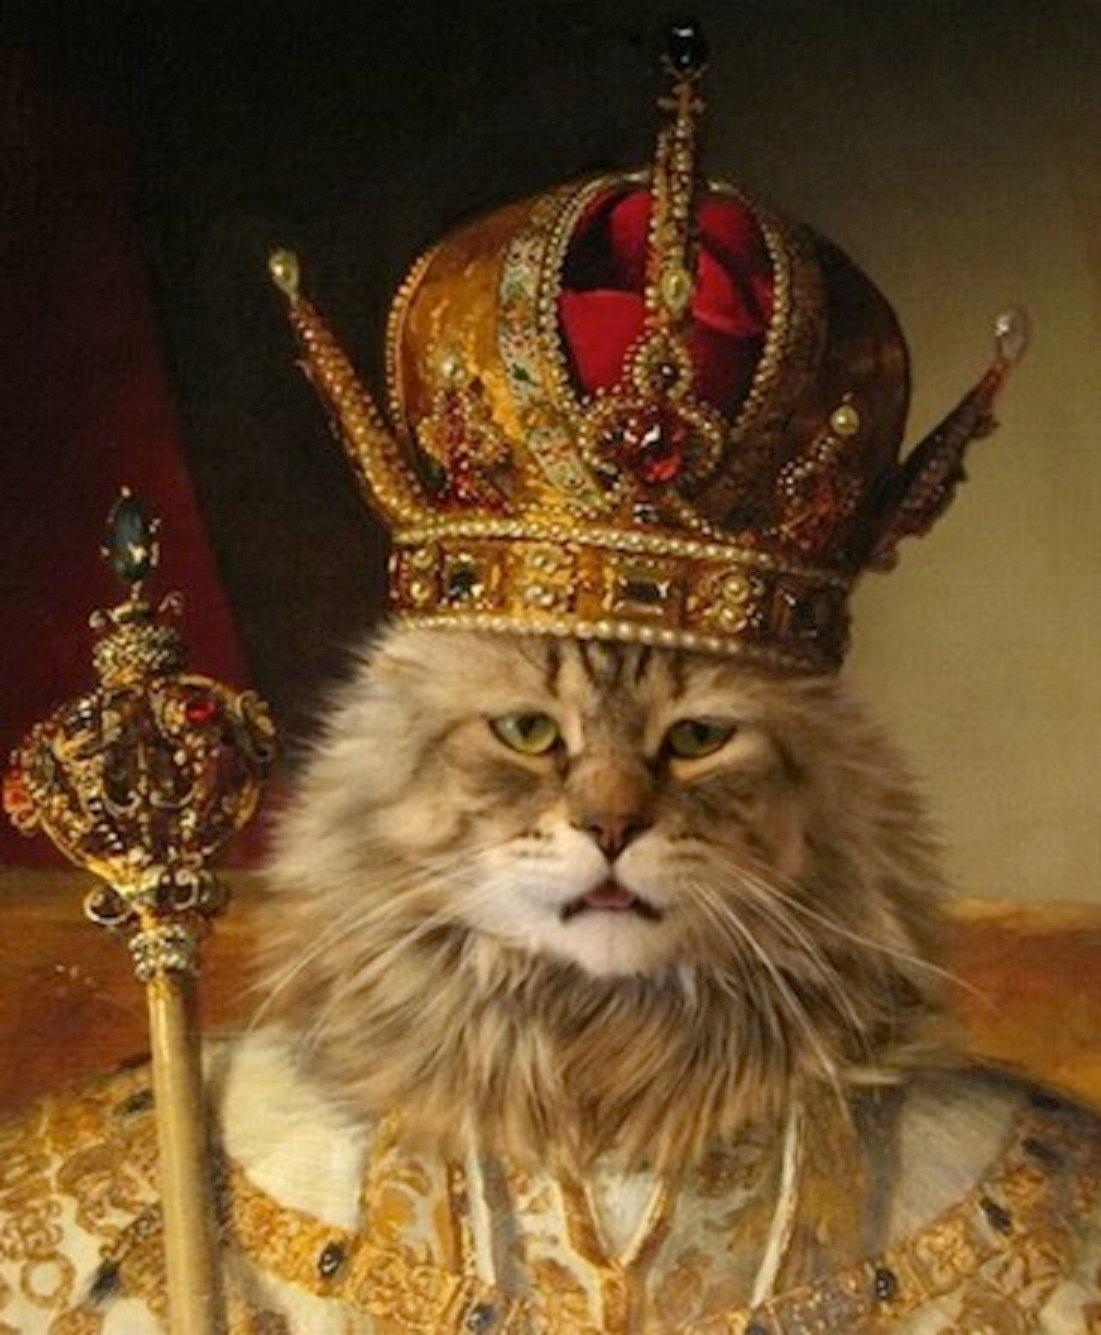 картинка киса в короной исходу